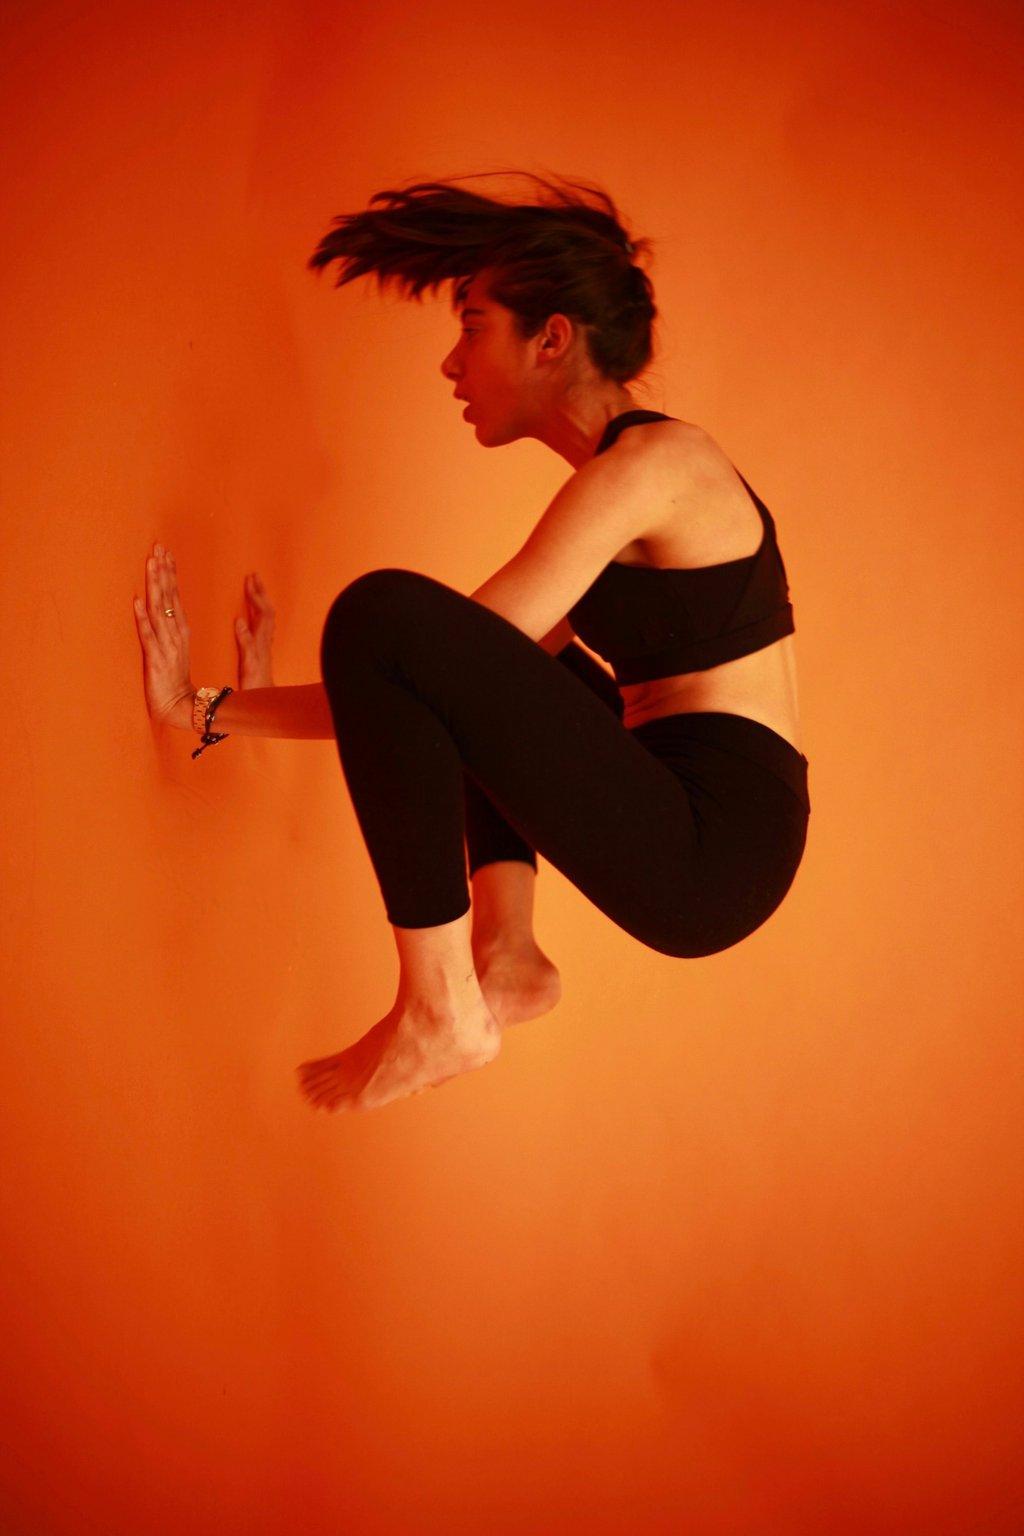 Femme qui fait de l'équilibre sur ses deux mains. Elle porte une tenue de la marque AZ/AR